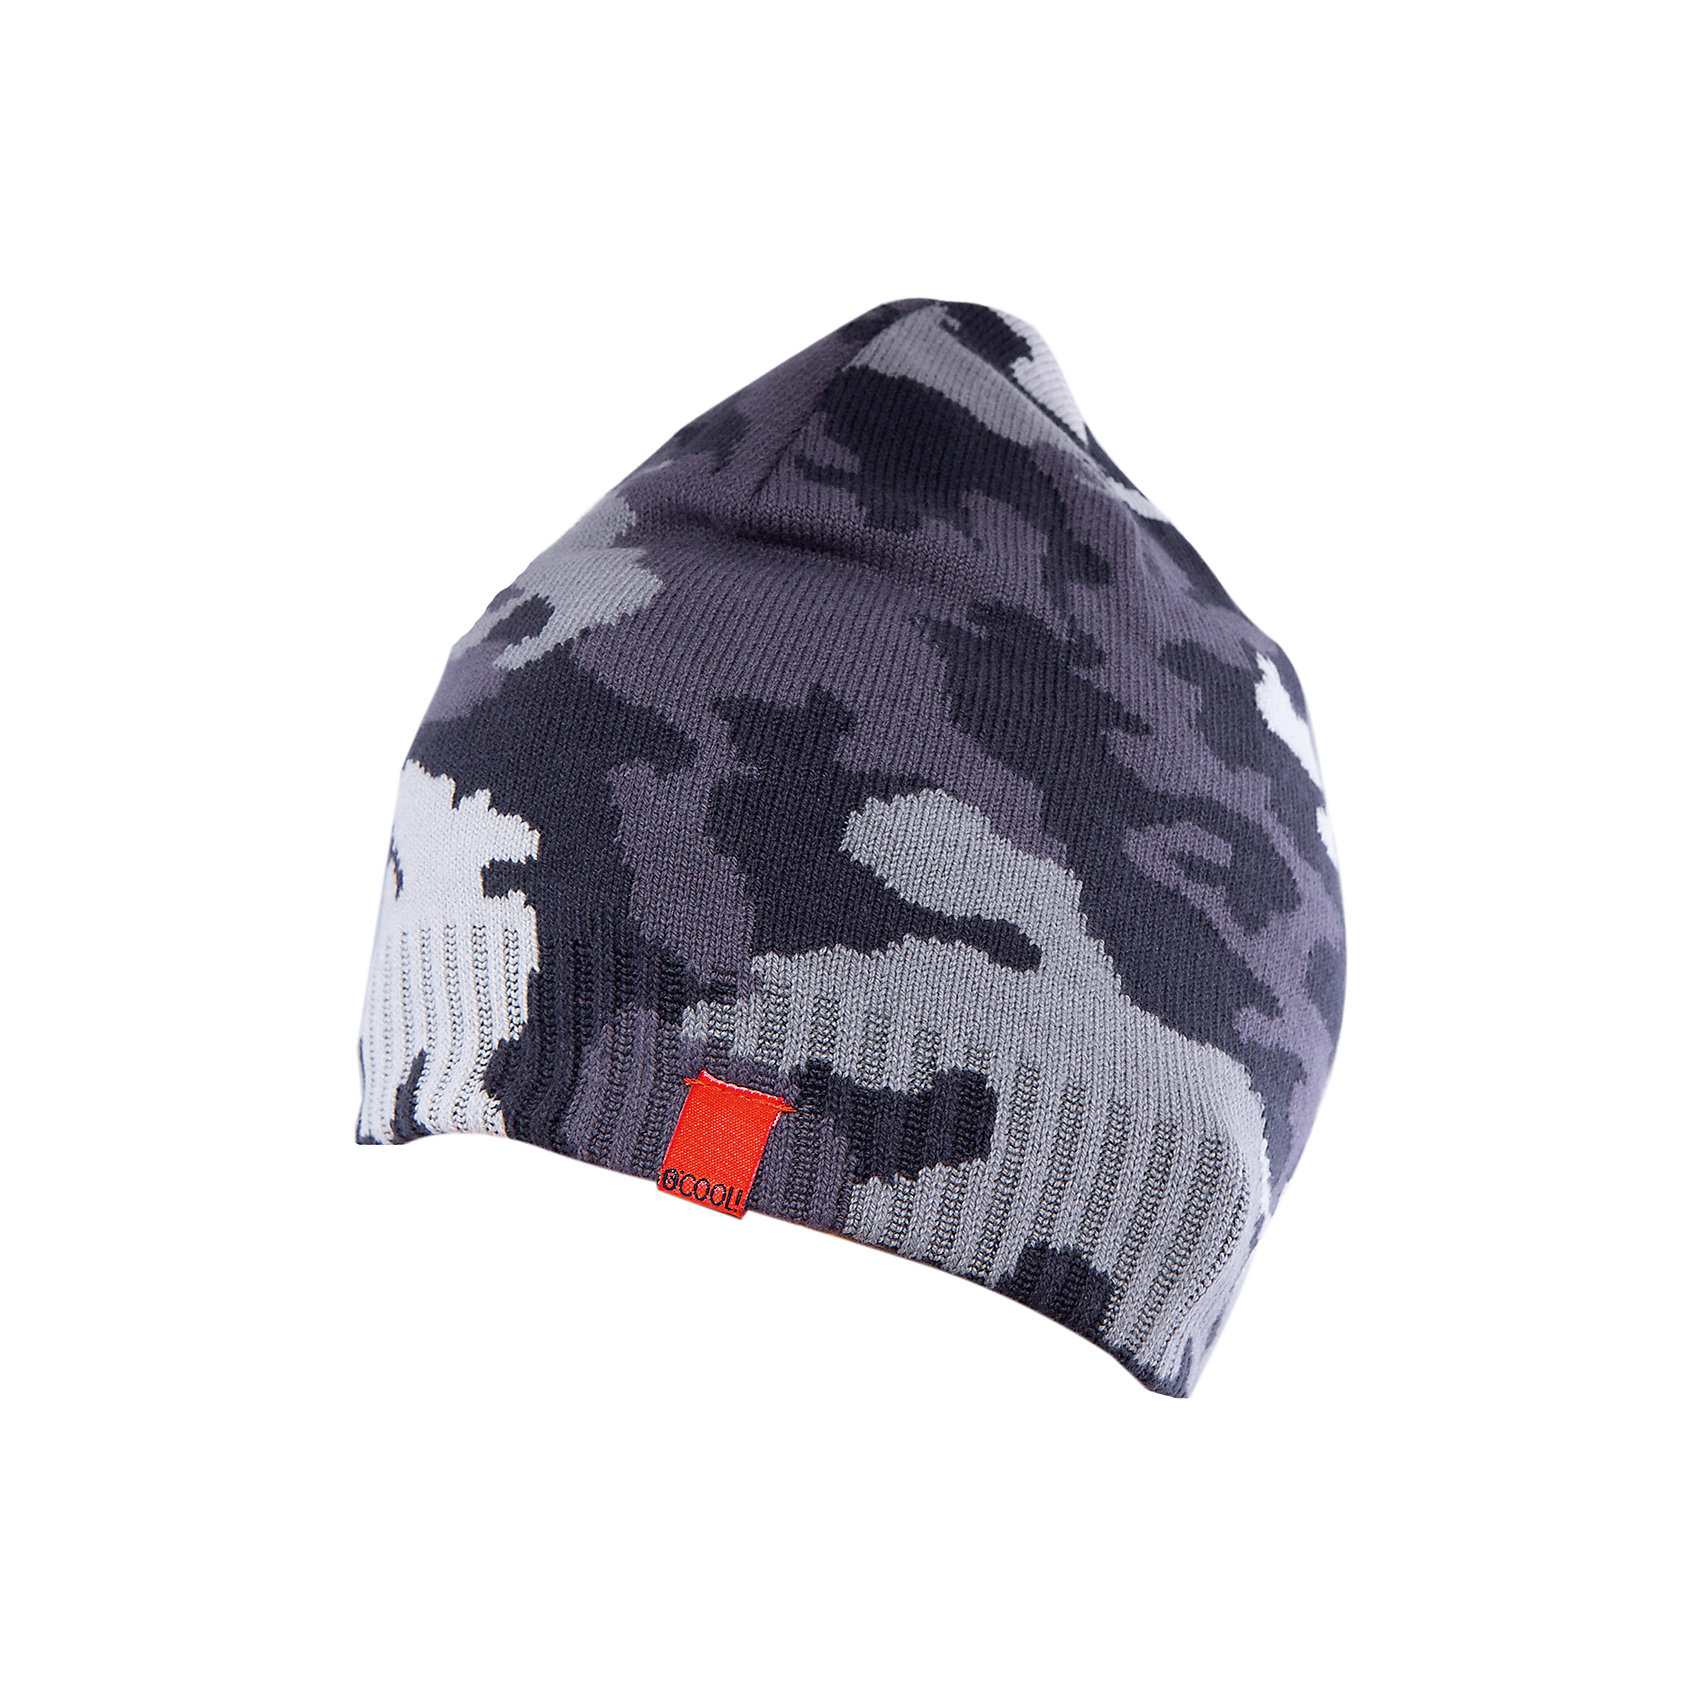 Шапка для мальчика ScoolГоловные уборы<br>Шапка для мальчика Scool – отличное сочетание качества и классического внешнего вида.<br>Стильная шапка в стиле милитари с удобной резинкой, не позволяющей слететь с головы, защитит голову и уши от холода. Благодаря тому, что шапка двухслойна, ее можно носить в очень холодное время, не боясь, что ребенок замерзнет. Подойдет для активных прогулок. Сделана из качественного материала, который не вызывает аллергию.<br><br>Дополнительная информация:<br><br>- материал: верх: 60% хлопок, 40% акрил, подкладка: 60% хлопок, 40% акрил<br>- цвет: серый<br><br>Шапку для мальчика Scool можно купить в нашем интернет магазине.<br><br>Ширина мм: 89<br>Глубина мм: 117<br>Высота мм: 44<br>Вес г: 155<br>Цвет: серый<br>Возраст от месяцев: 72<br>Возраст до месяцев: 84<br>Пол: Мужской<br>Возраст: Детский<br>Размер: 54,56<br>SKU: 4911635